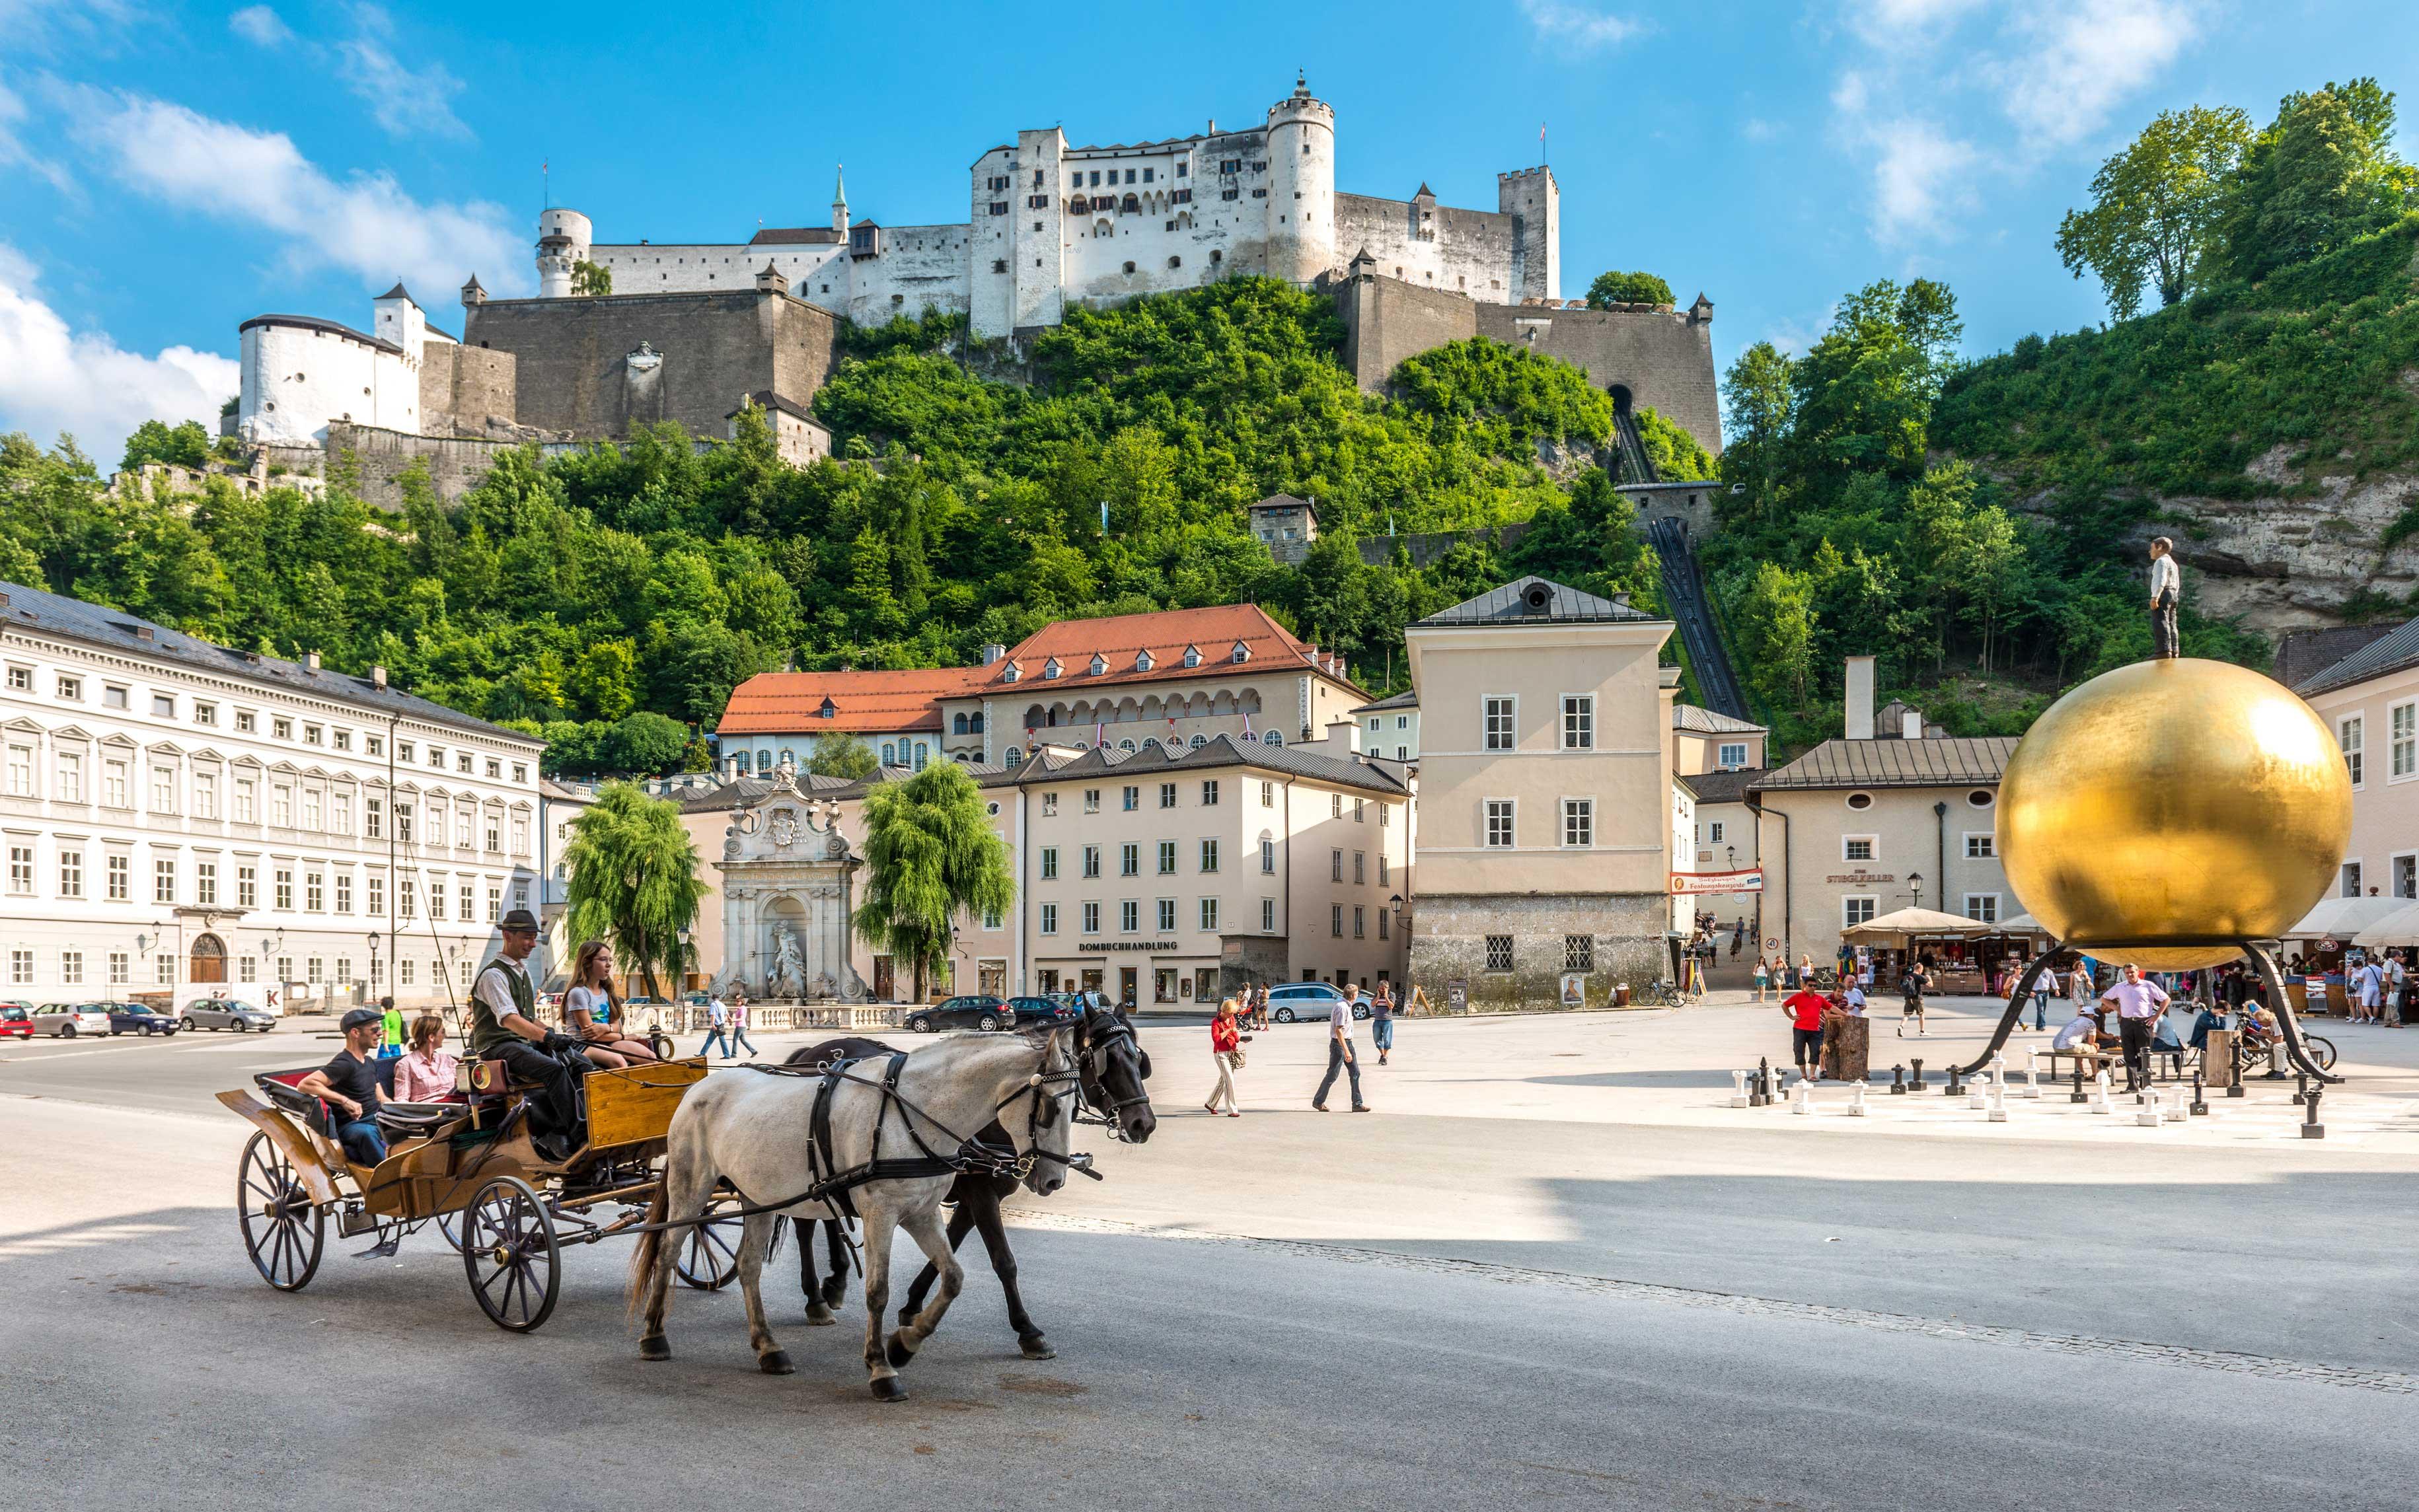 Guida a Salisburgo e dintorni: tutti i tesori da scoprire